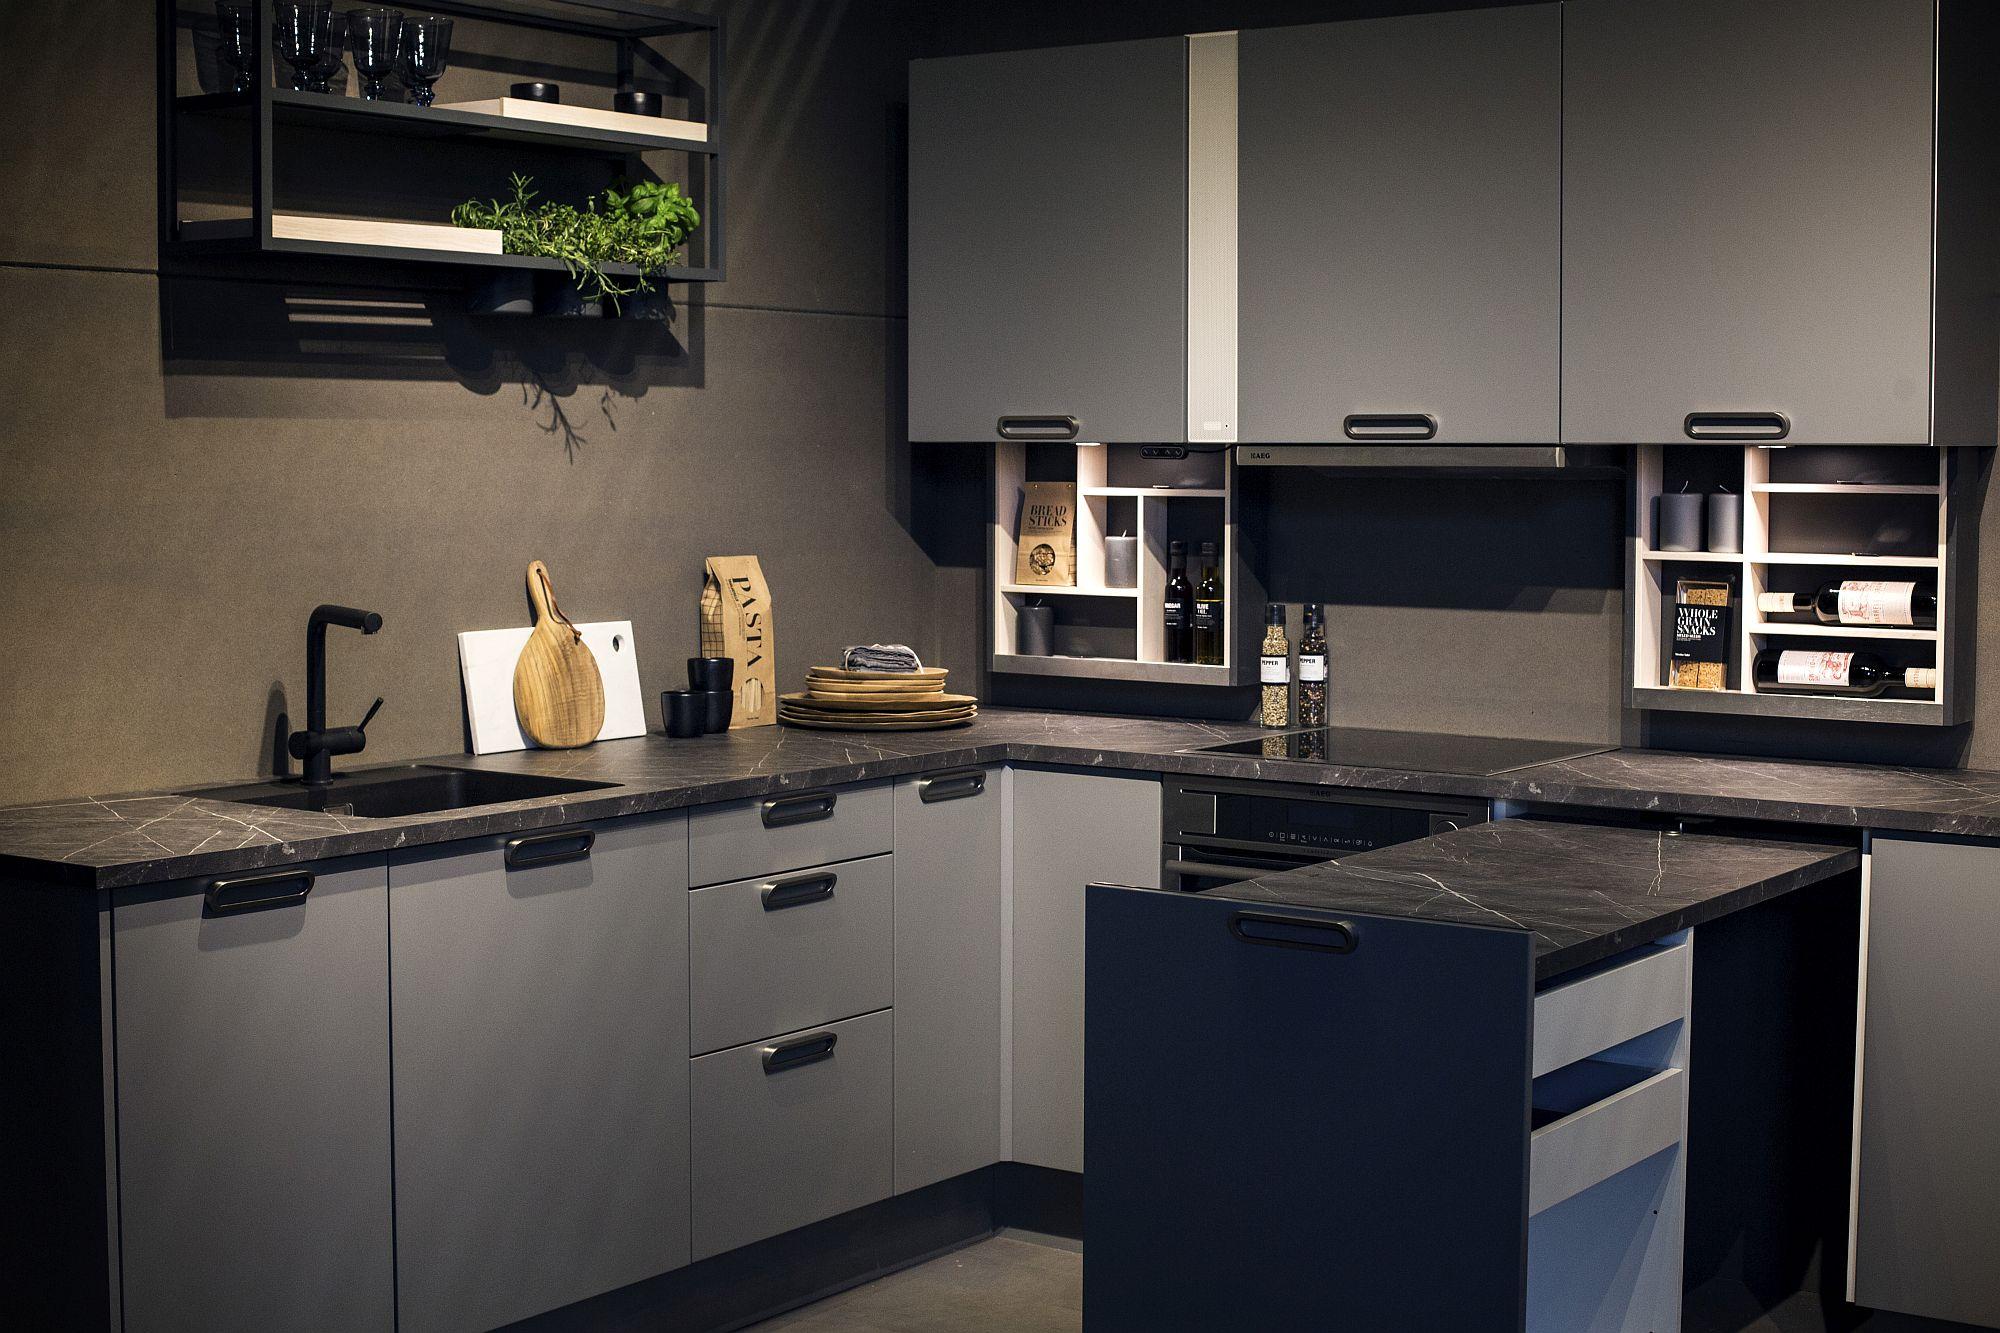 Дизайн мебели для маленькой кухни. Компактное размещение мебели